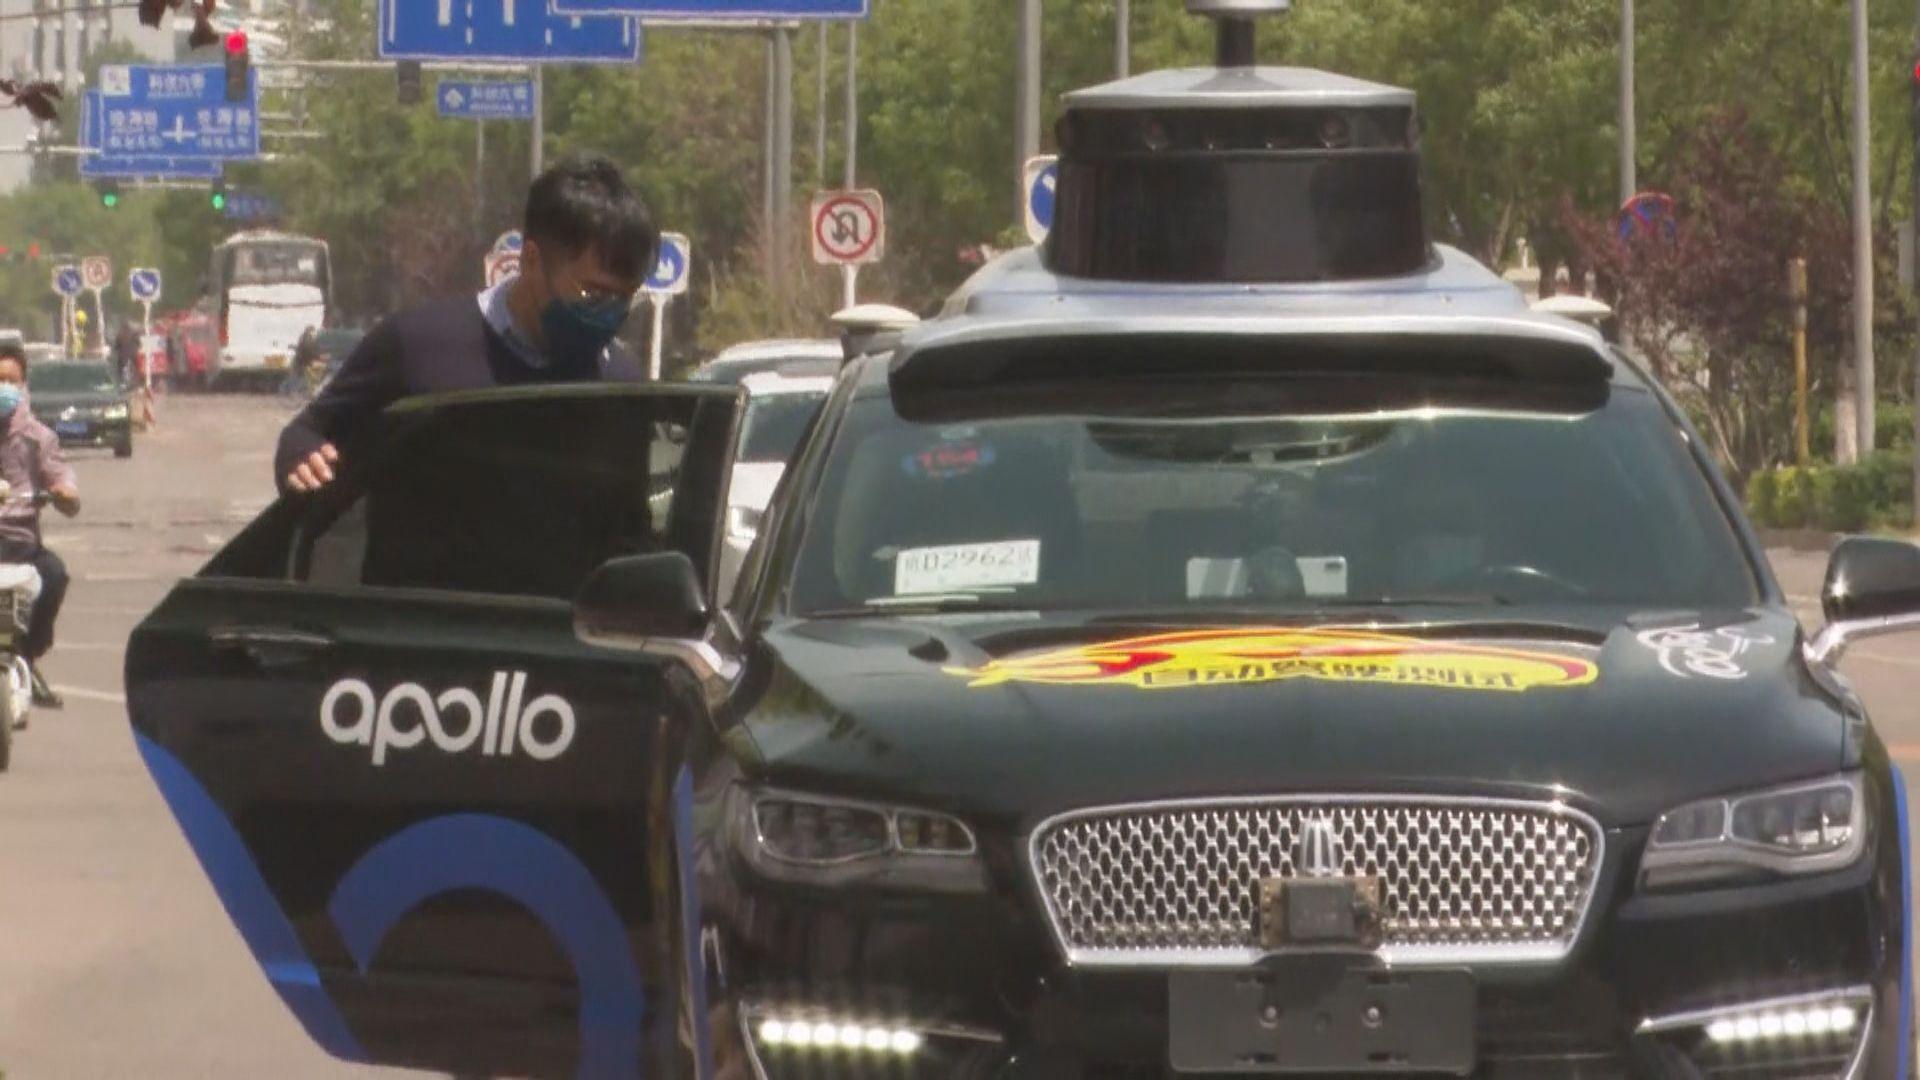 【首都專線】北京推自動駕駛 學者指法律責任問題複雜